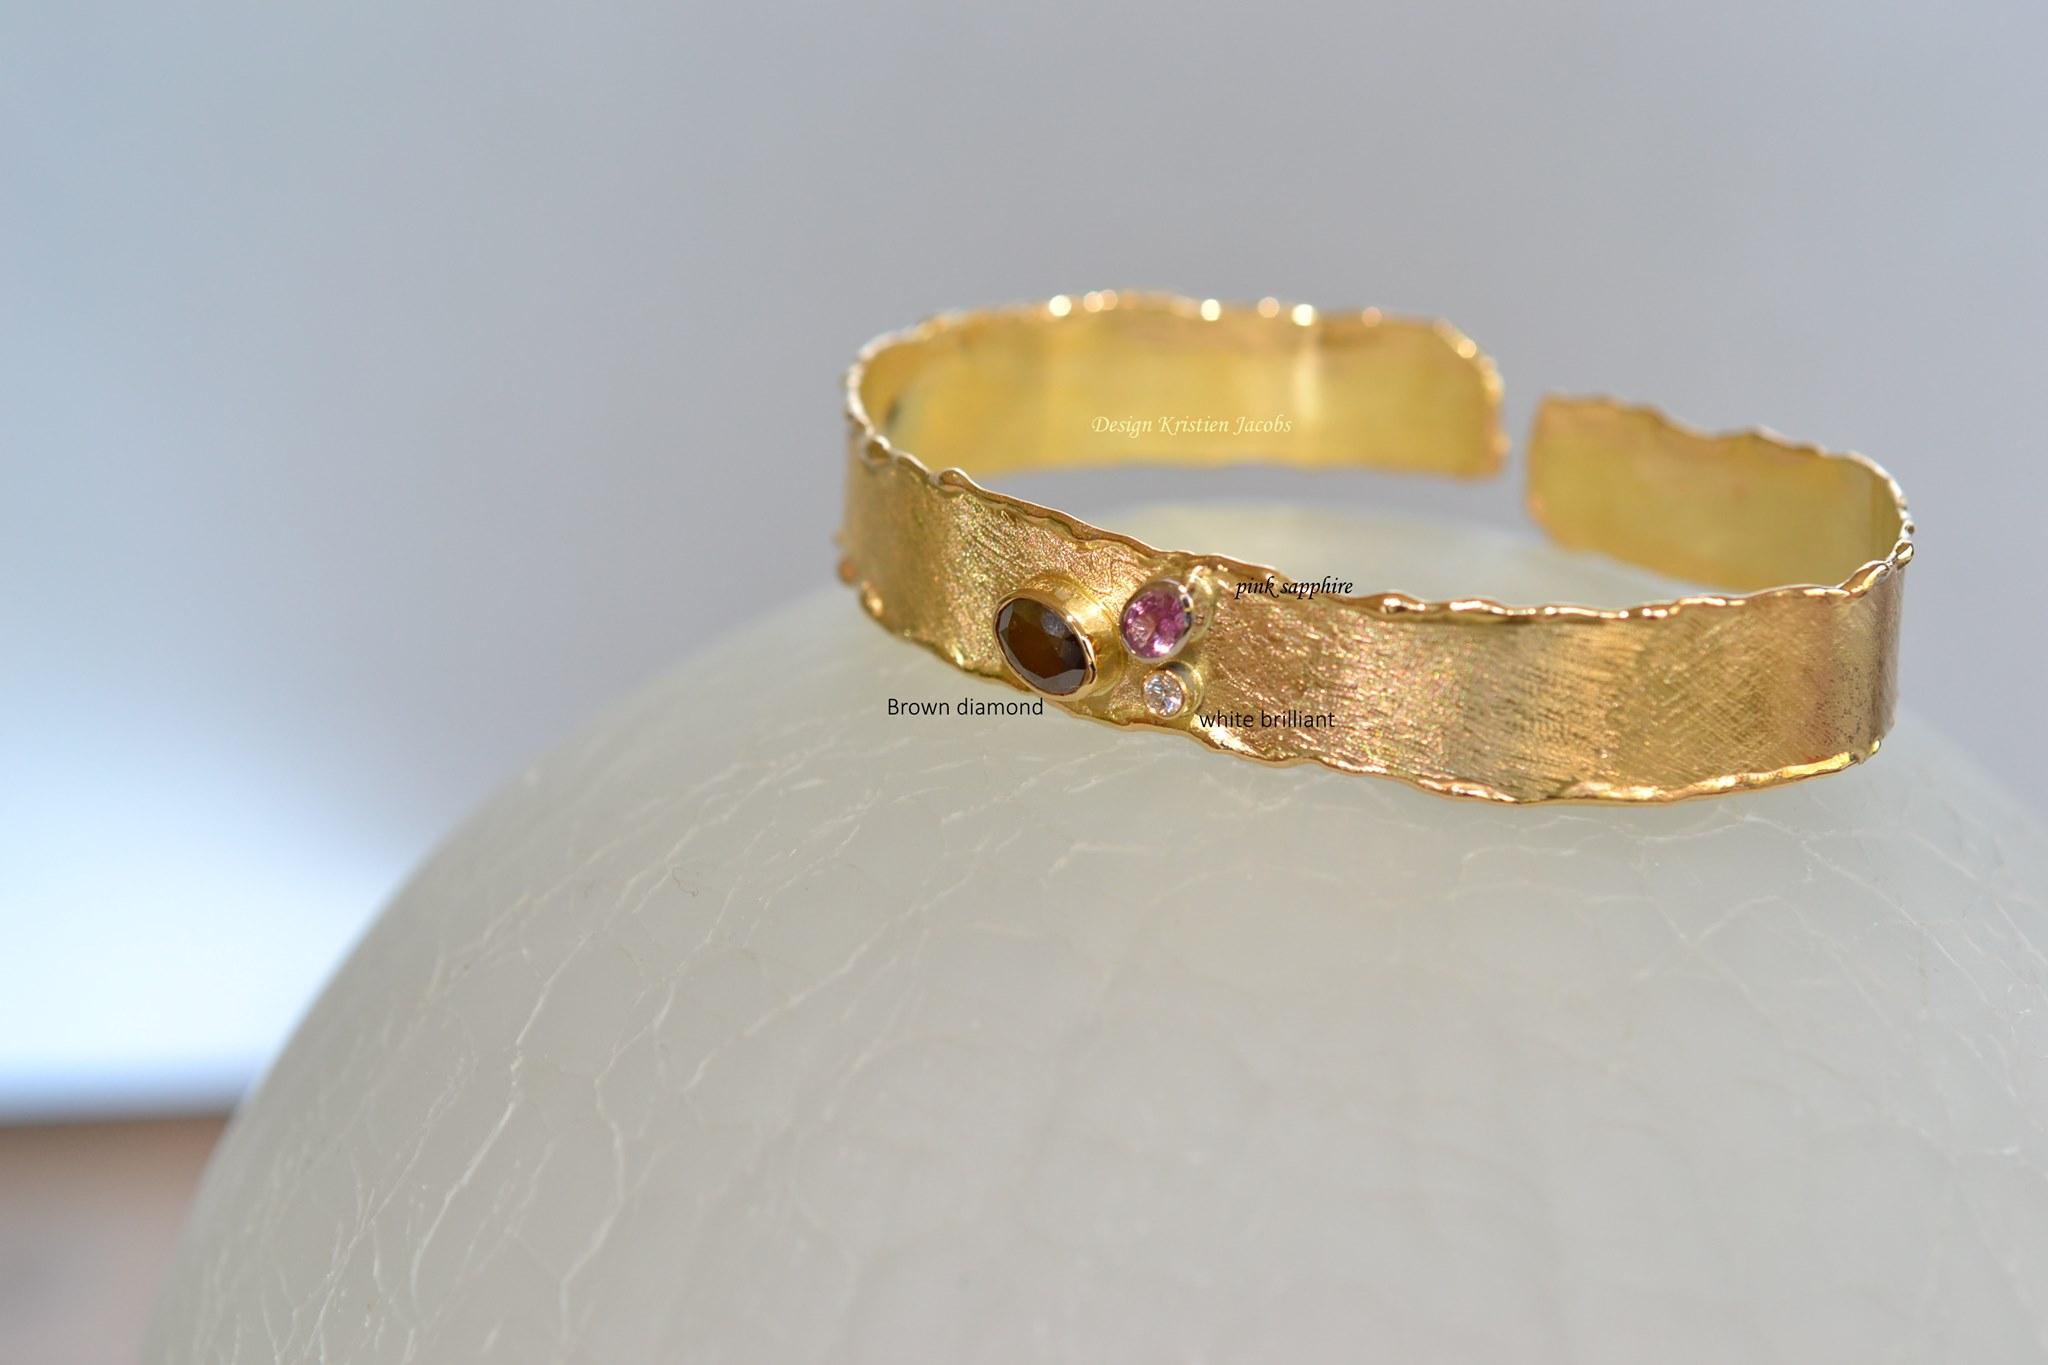 Armband geel goud met drie stenen: bruine diamant, witte briljant en roze saffier., Handmade, handgemaakte juwelen uit eigen atelier.